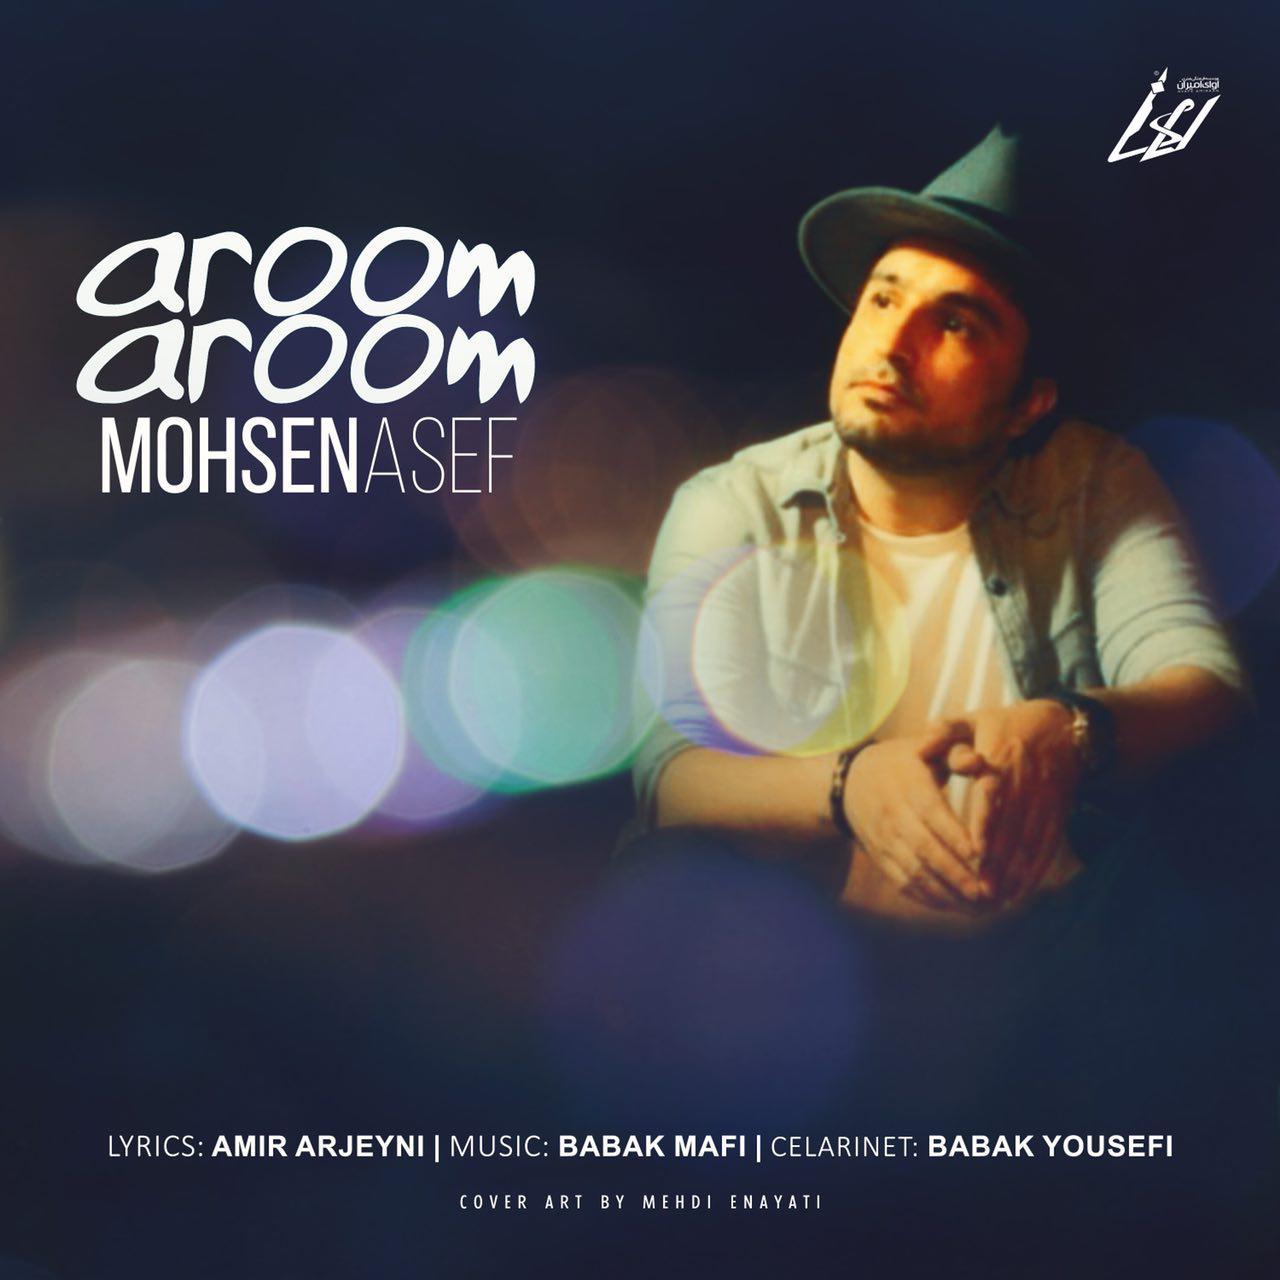 Mohsen Asef – Aroom Aroom